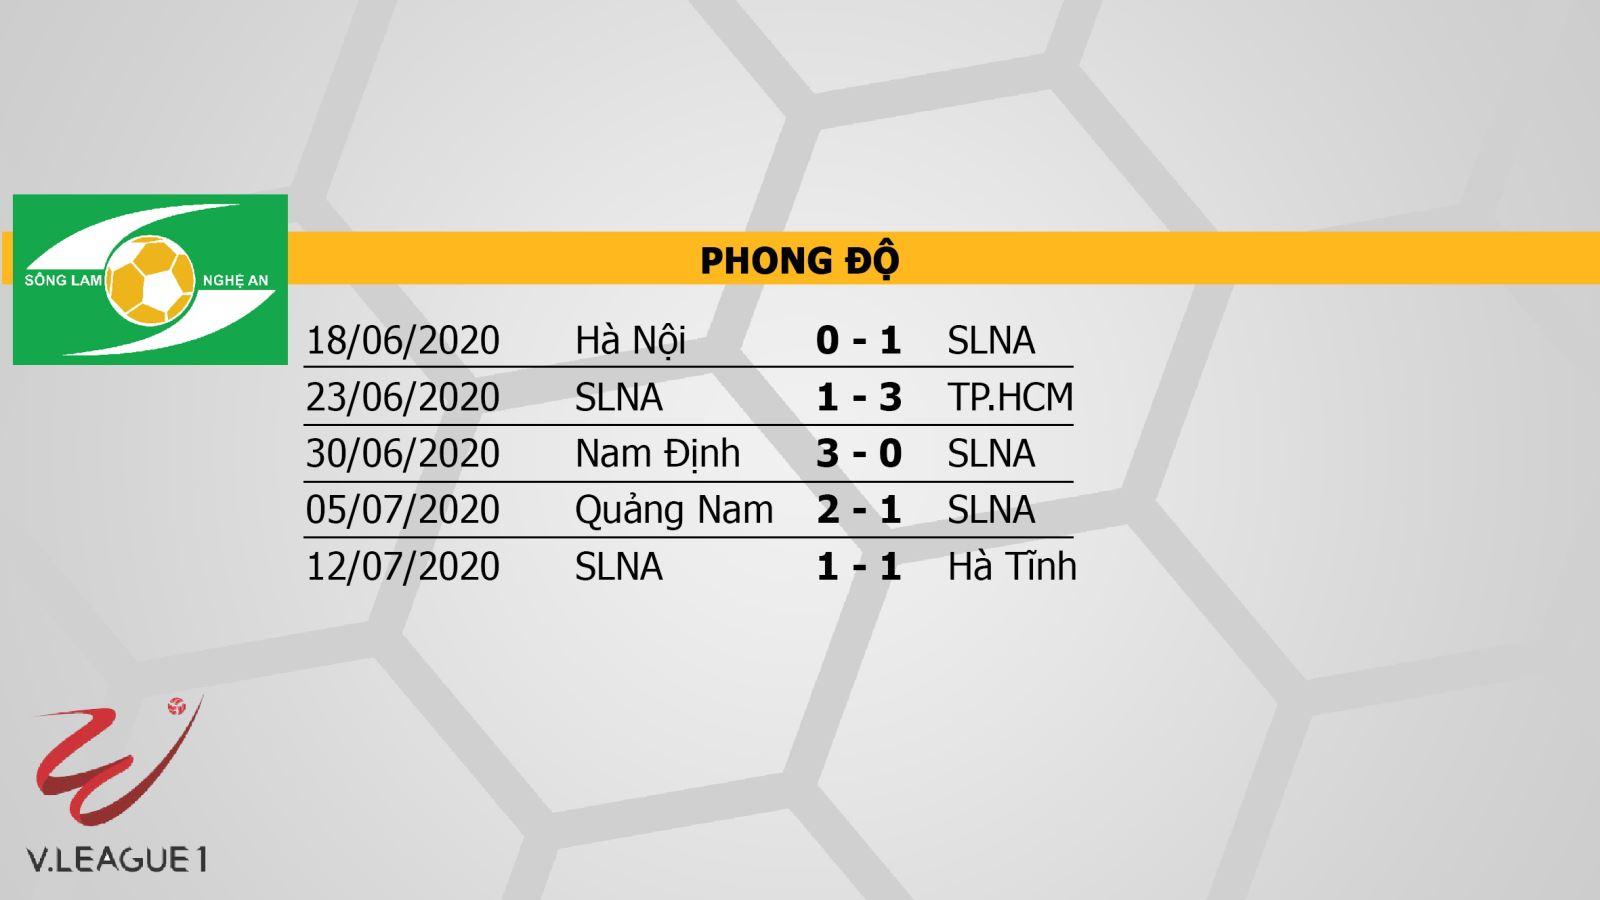 SLNA vs Viettel, SLNA, Viettel, trực tiếp bóng đá, soi kèo bóng đá, lịch thi đấu bóng đá, nhận định, trực tiếp SLNA vs Viettel